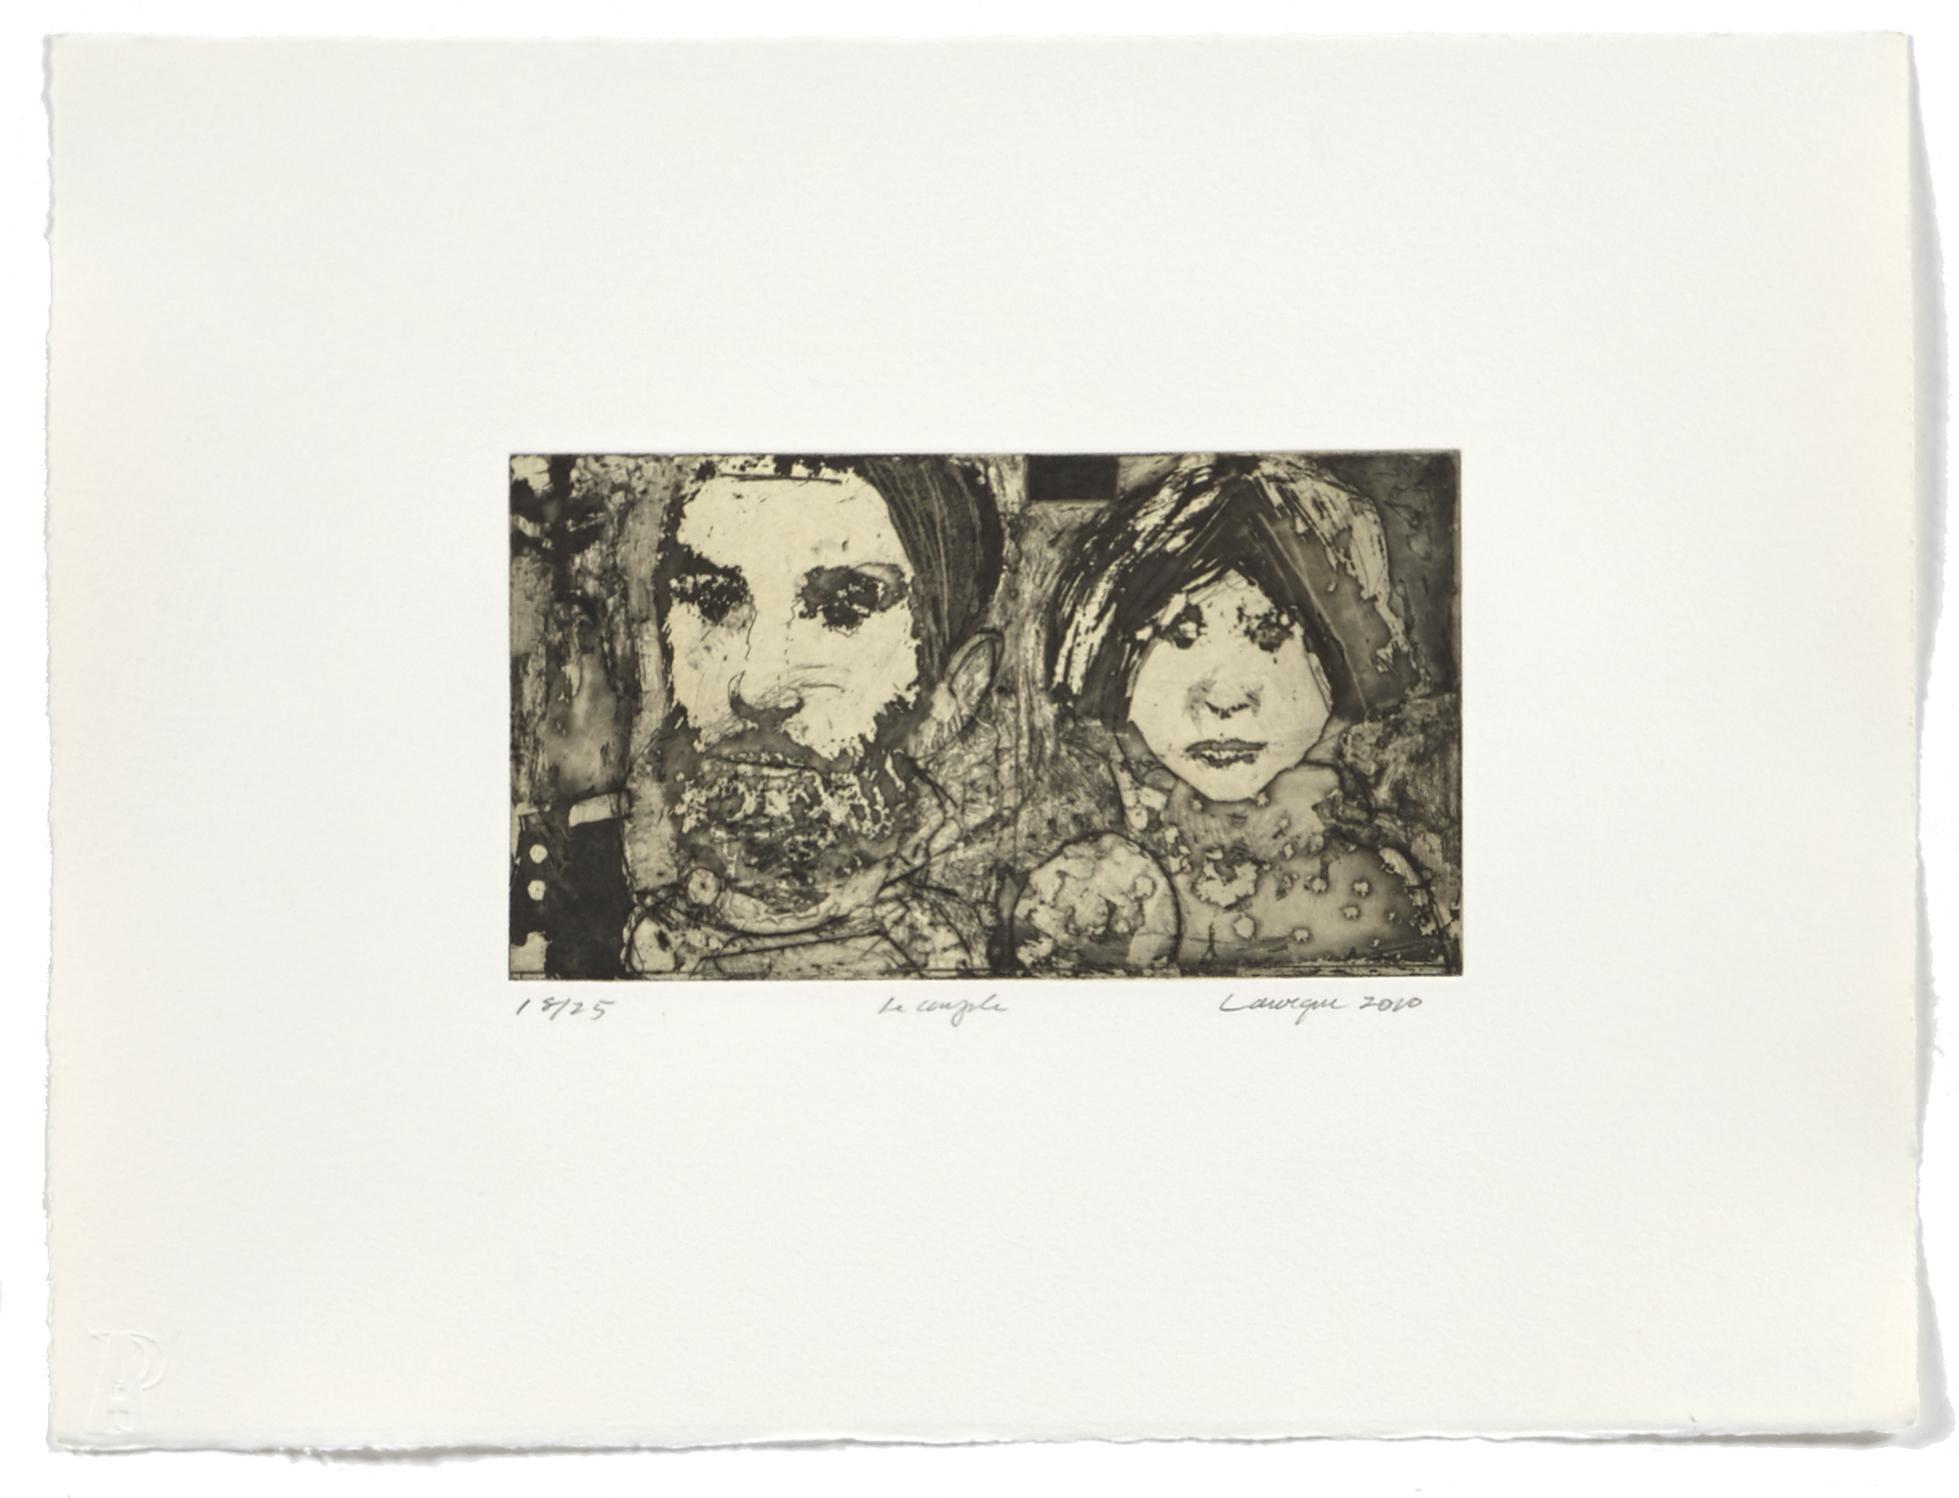 Couple   2010 | 28 x 38cm | Eau-forte and chine collé | 25 prints | Editor Atelier-Galerie A. Piroir